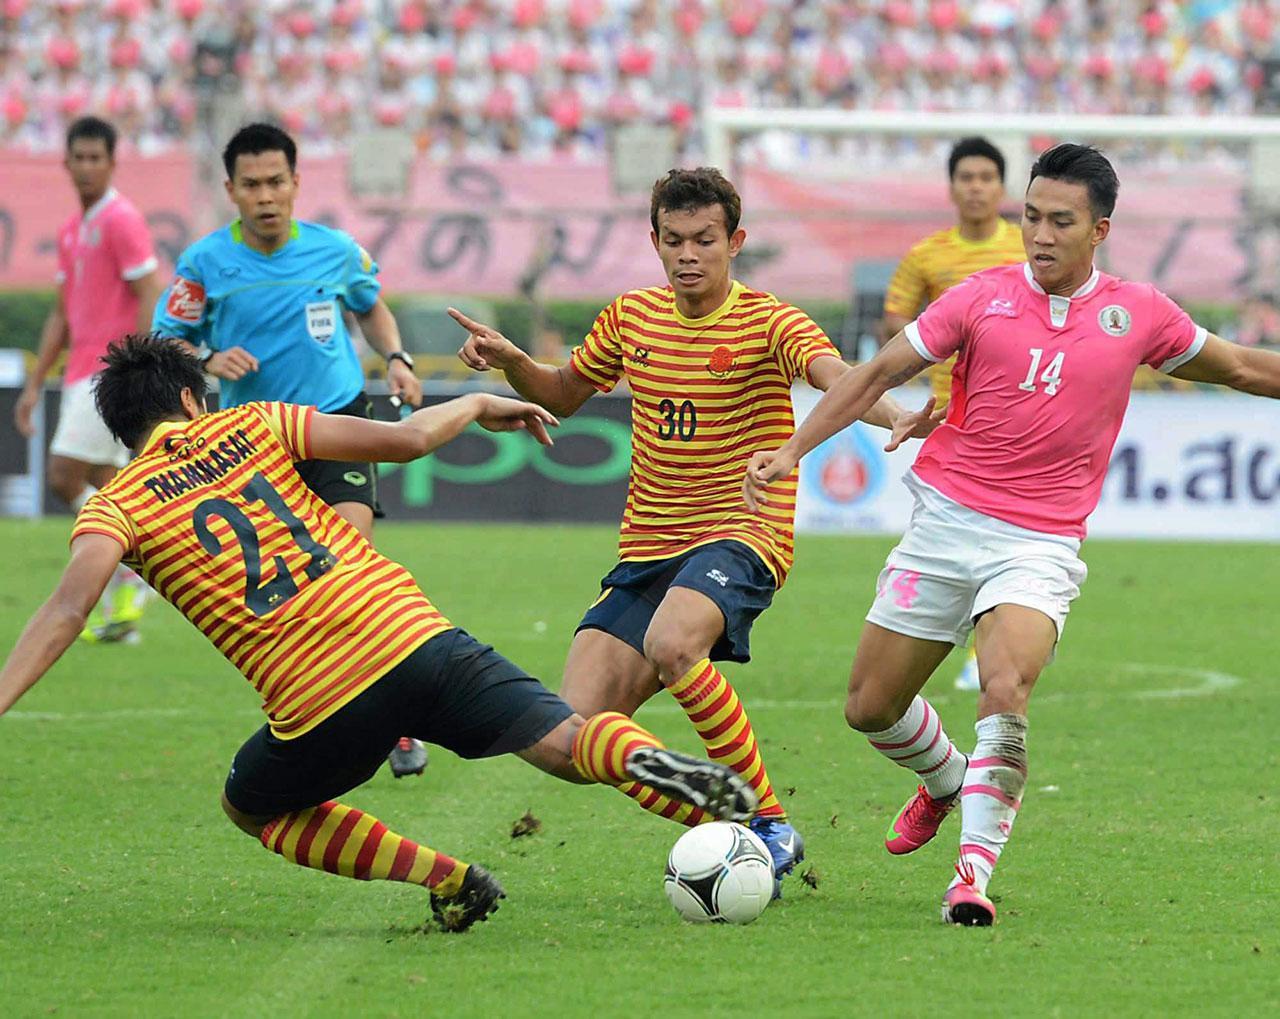 การแข่งขันฟุตบอลประเพณี